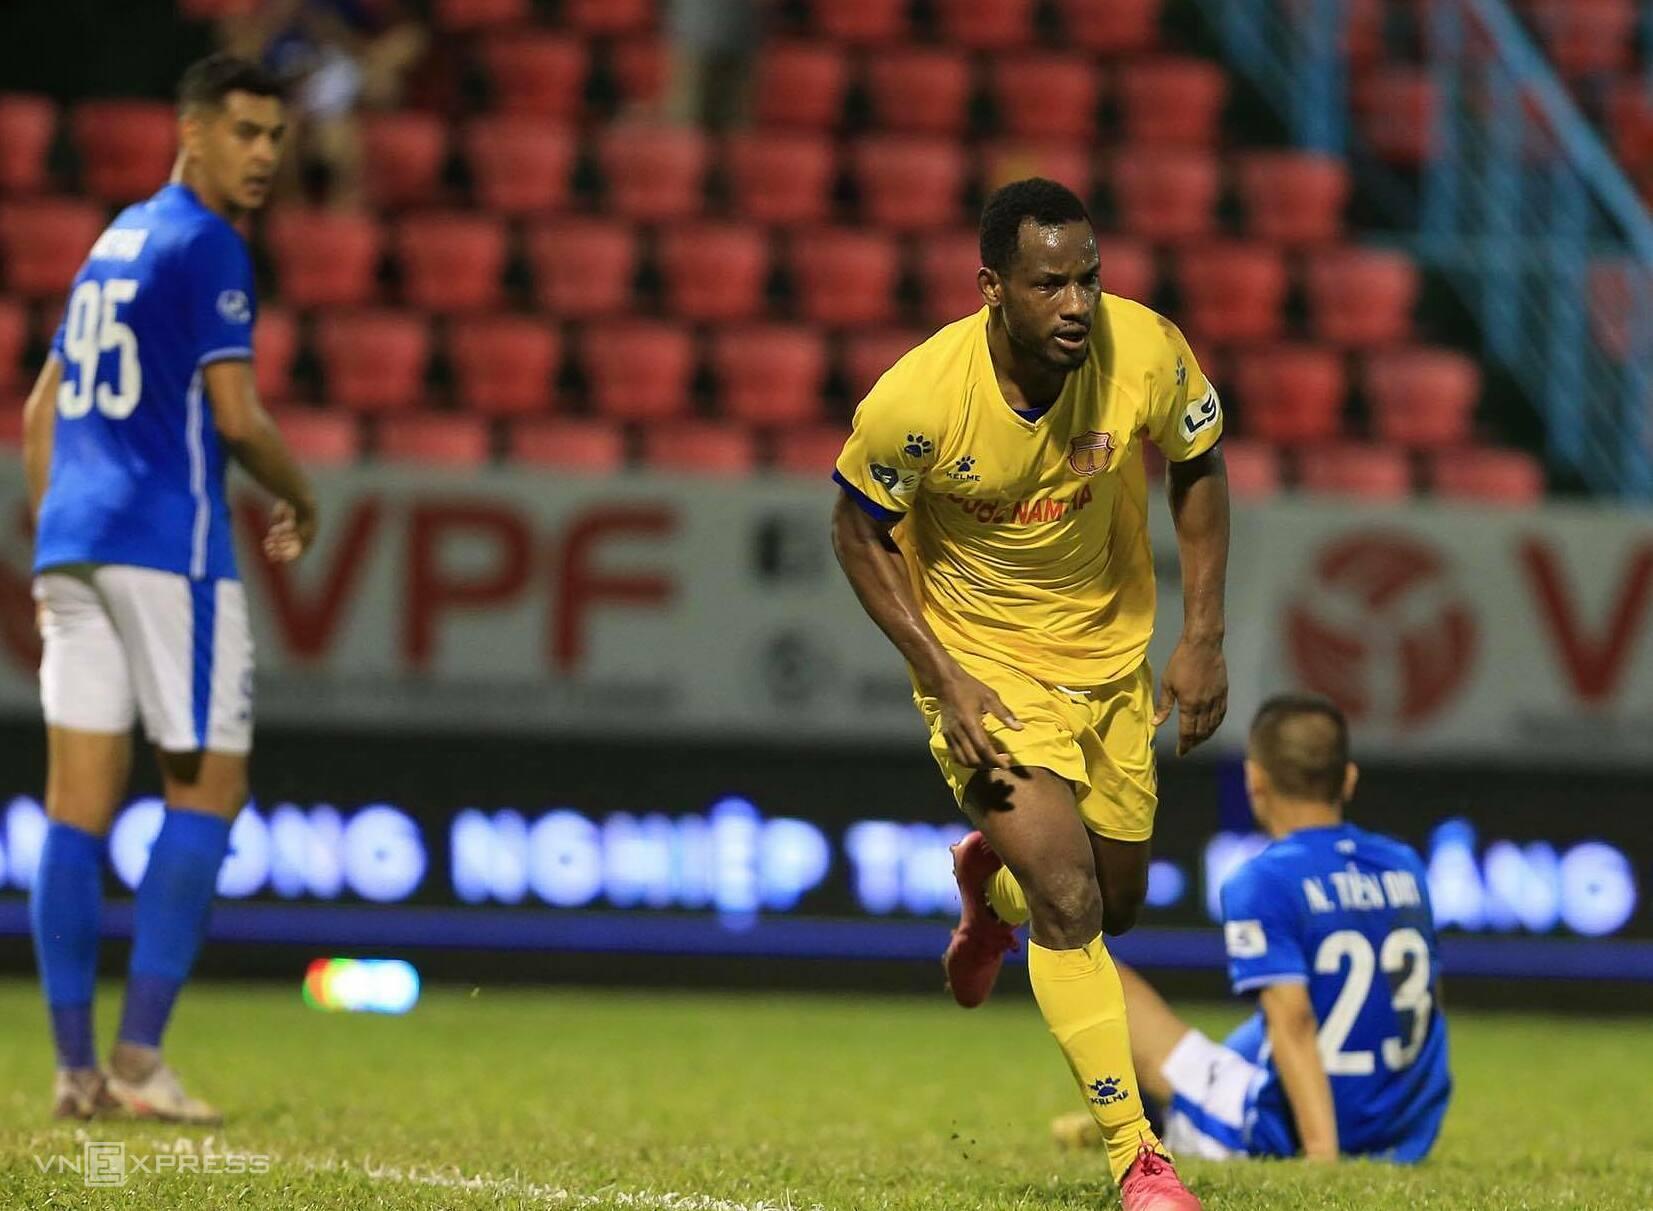 Oussou Kona merayakan satu-satunya gol, membantu Nam Dinh mengalahkan Quang Ninh di Cam Pha pada sore hari tanggal 27 April.  Foto: Nguyen Ngu